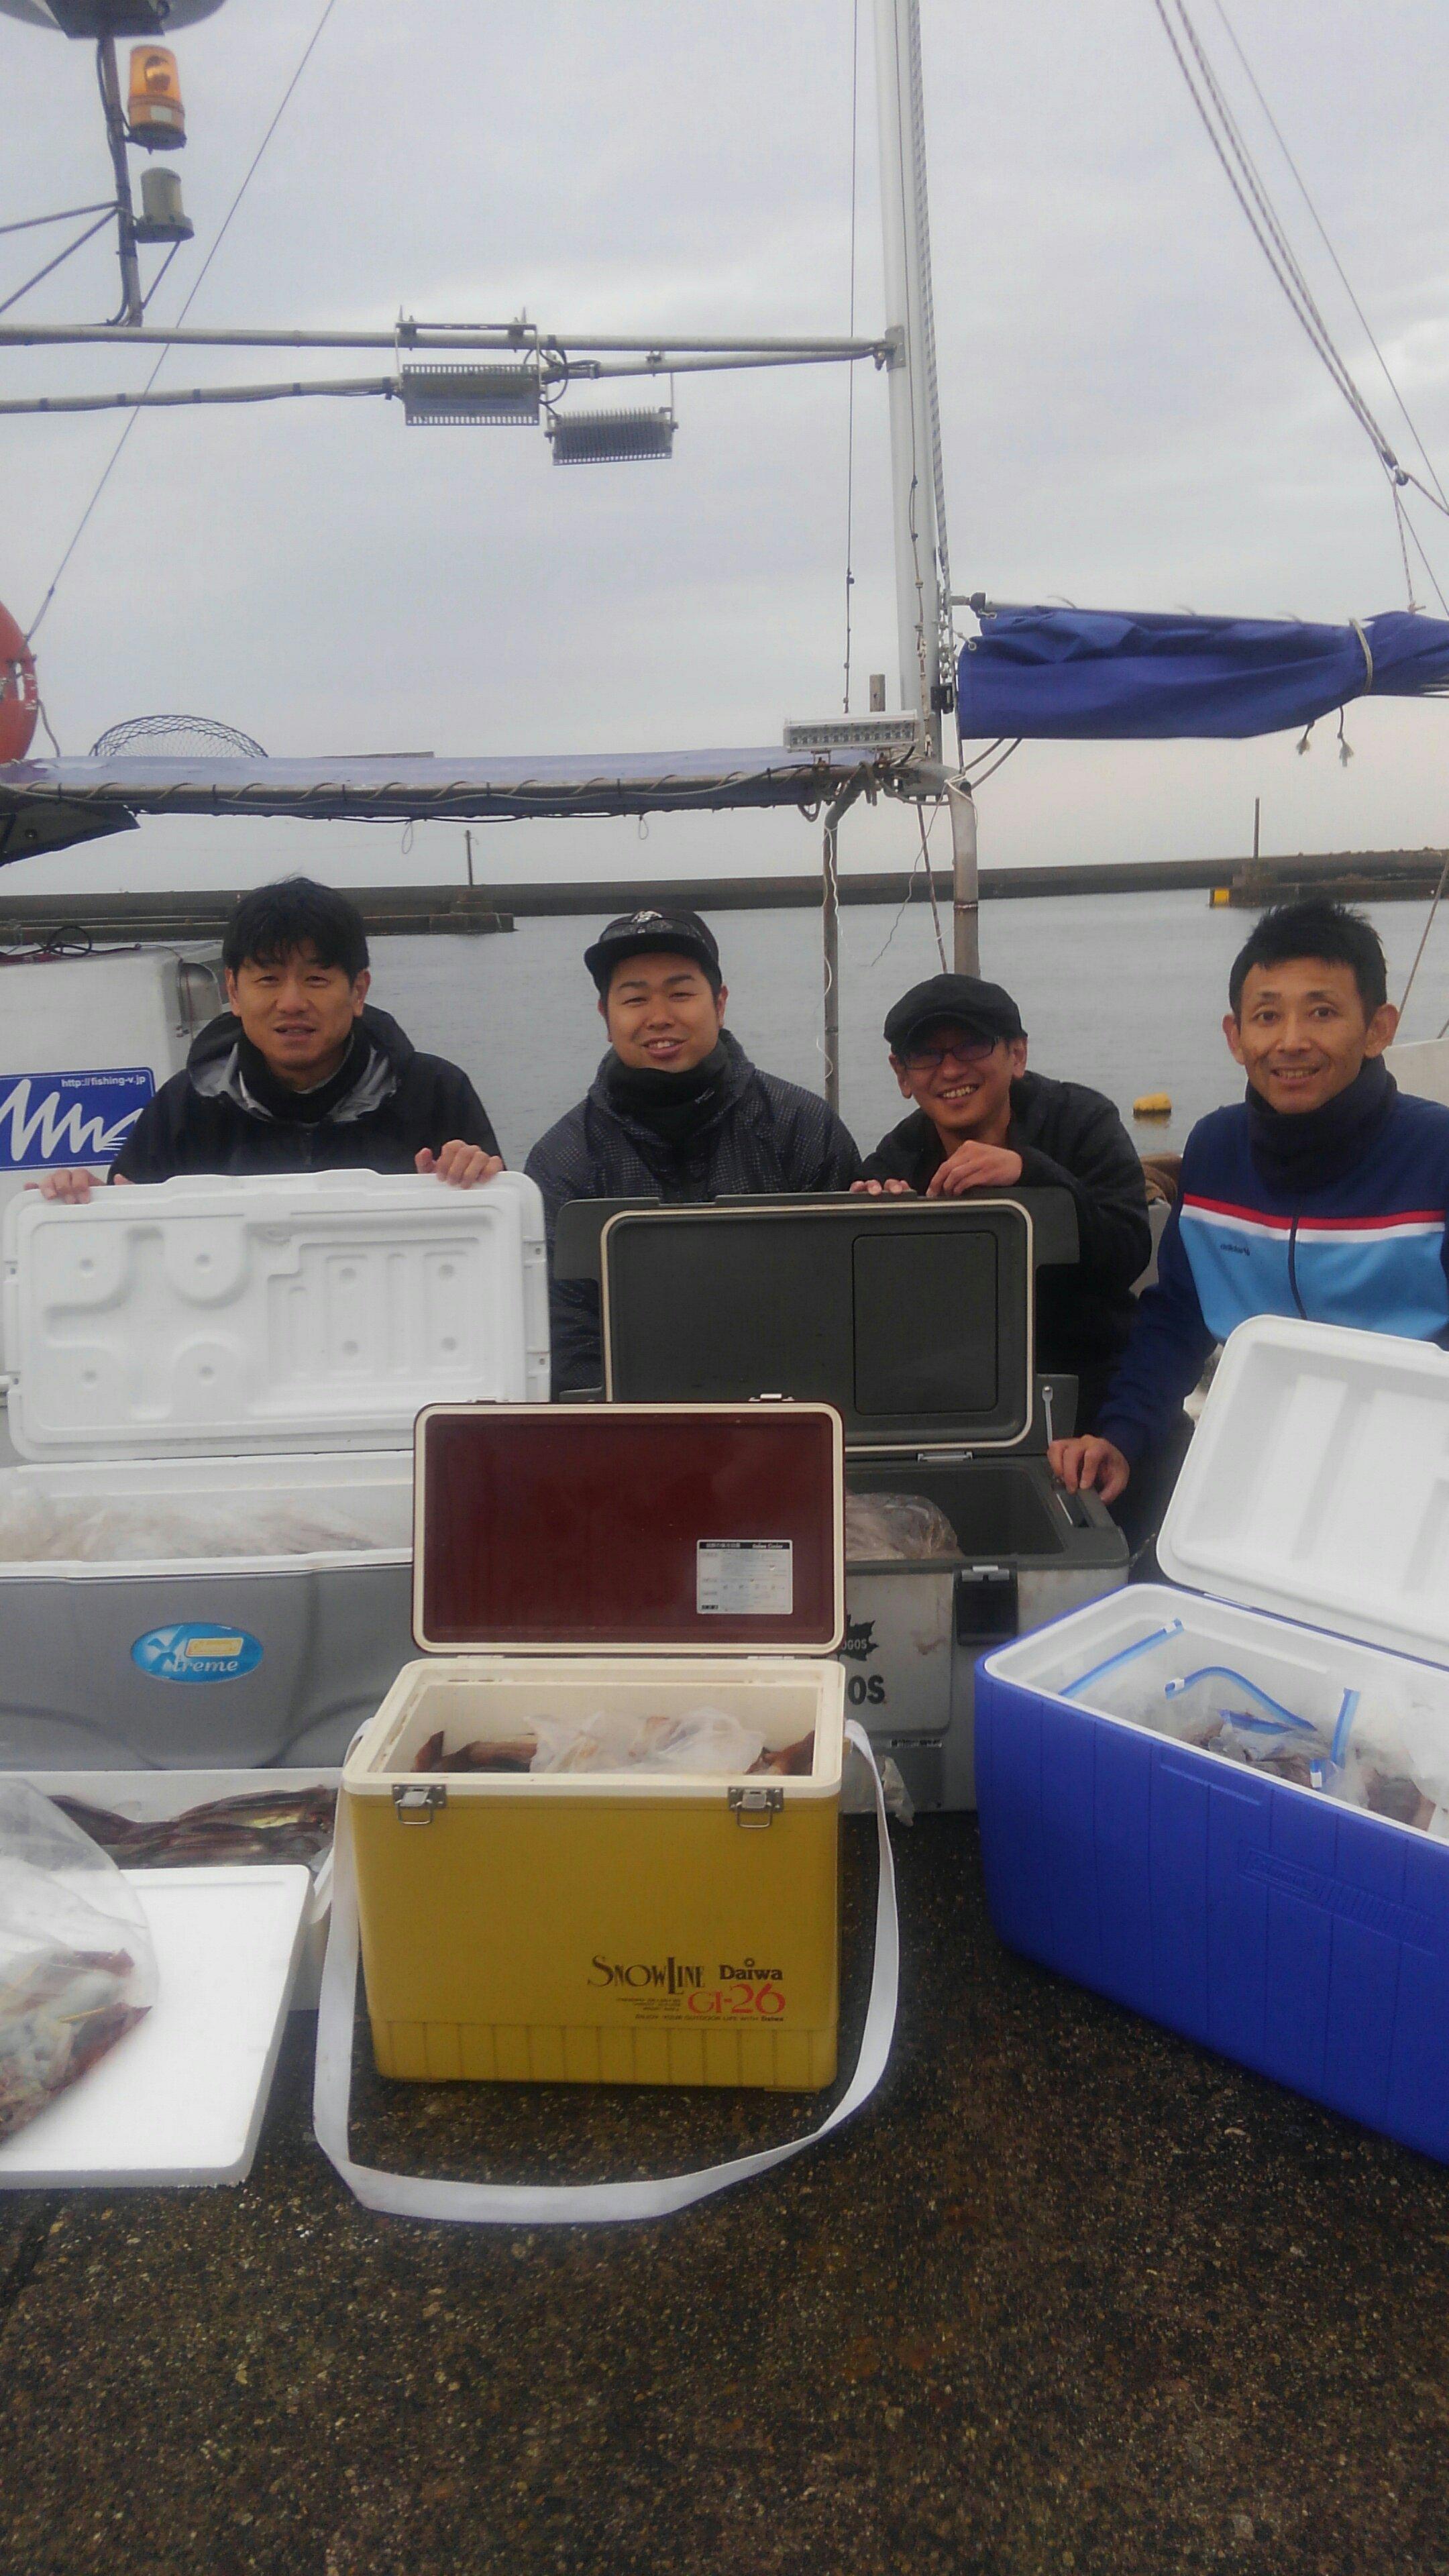 オスカー釣り部、スルメイカ編。もはや釣りではなく漁?!の画像